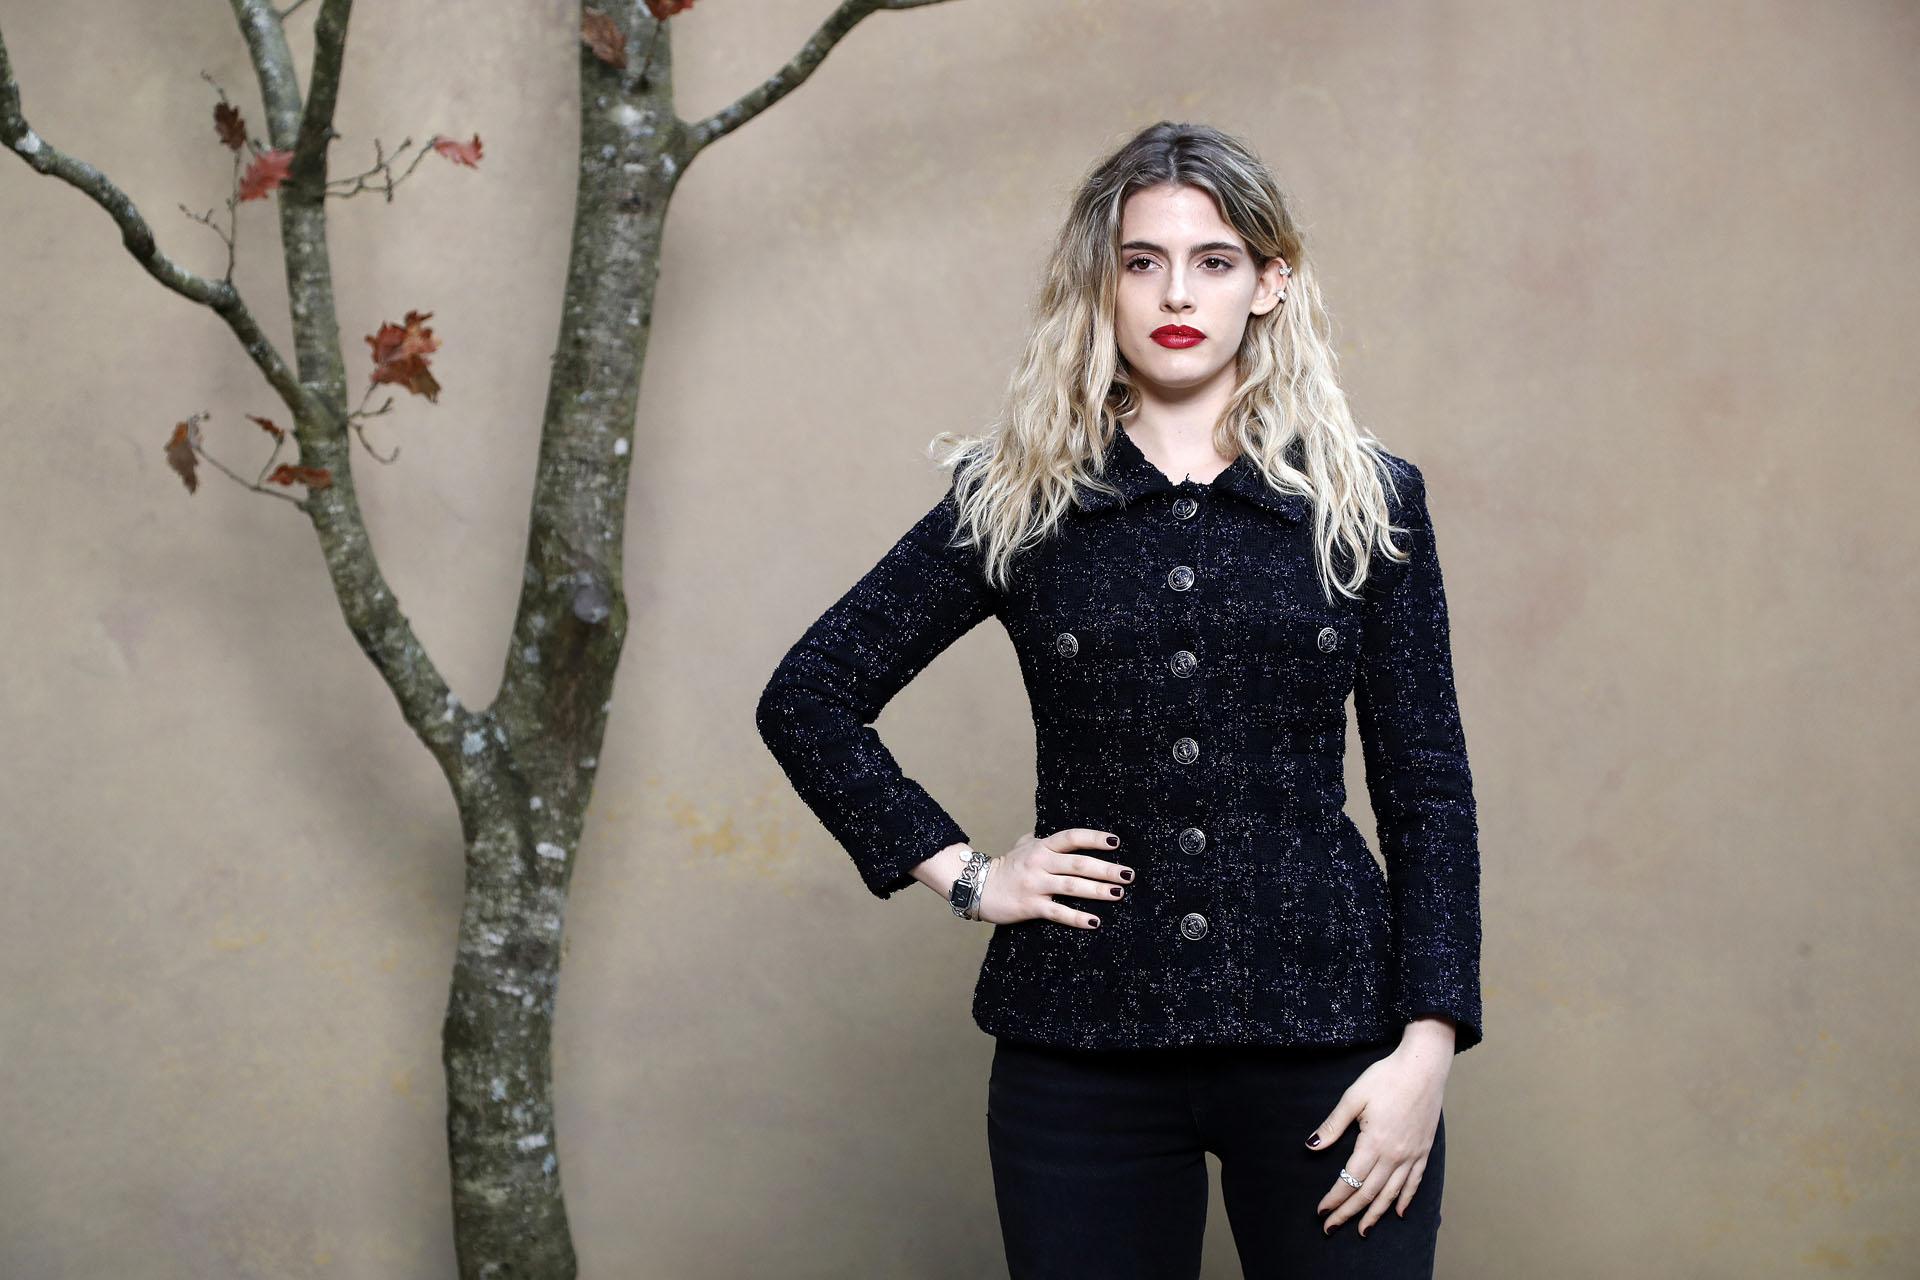 La actriz y cantante argentina Chiara Parravicini llevó una chaqueta azul, de la colección